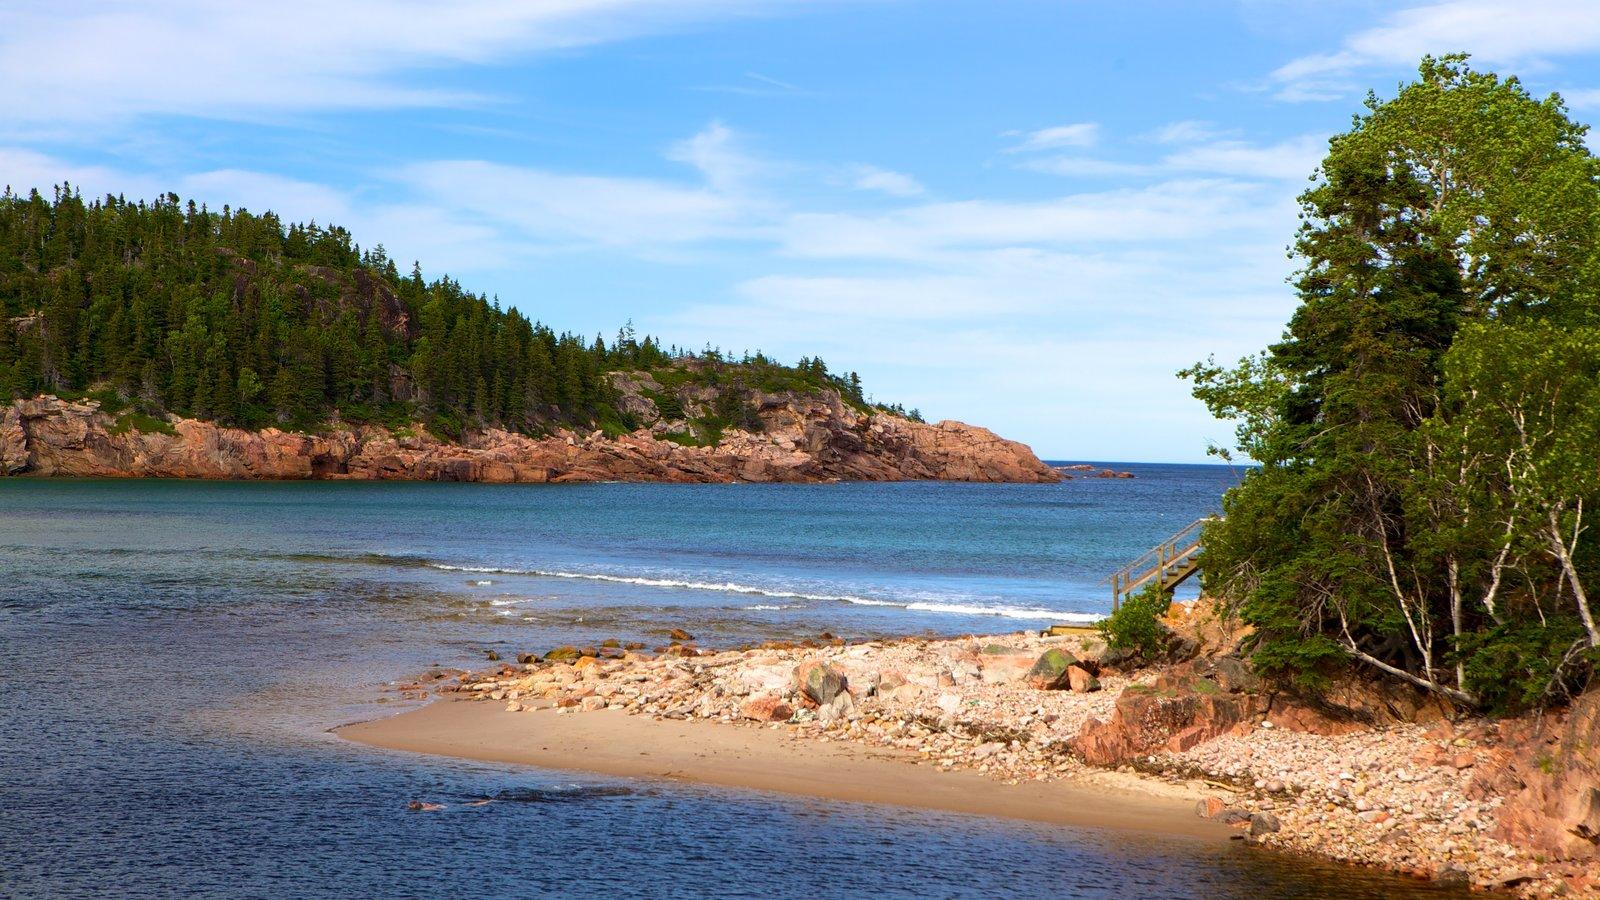 Cape Breton Highlands National Park caracterizando litoral acidentado